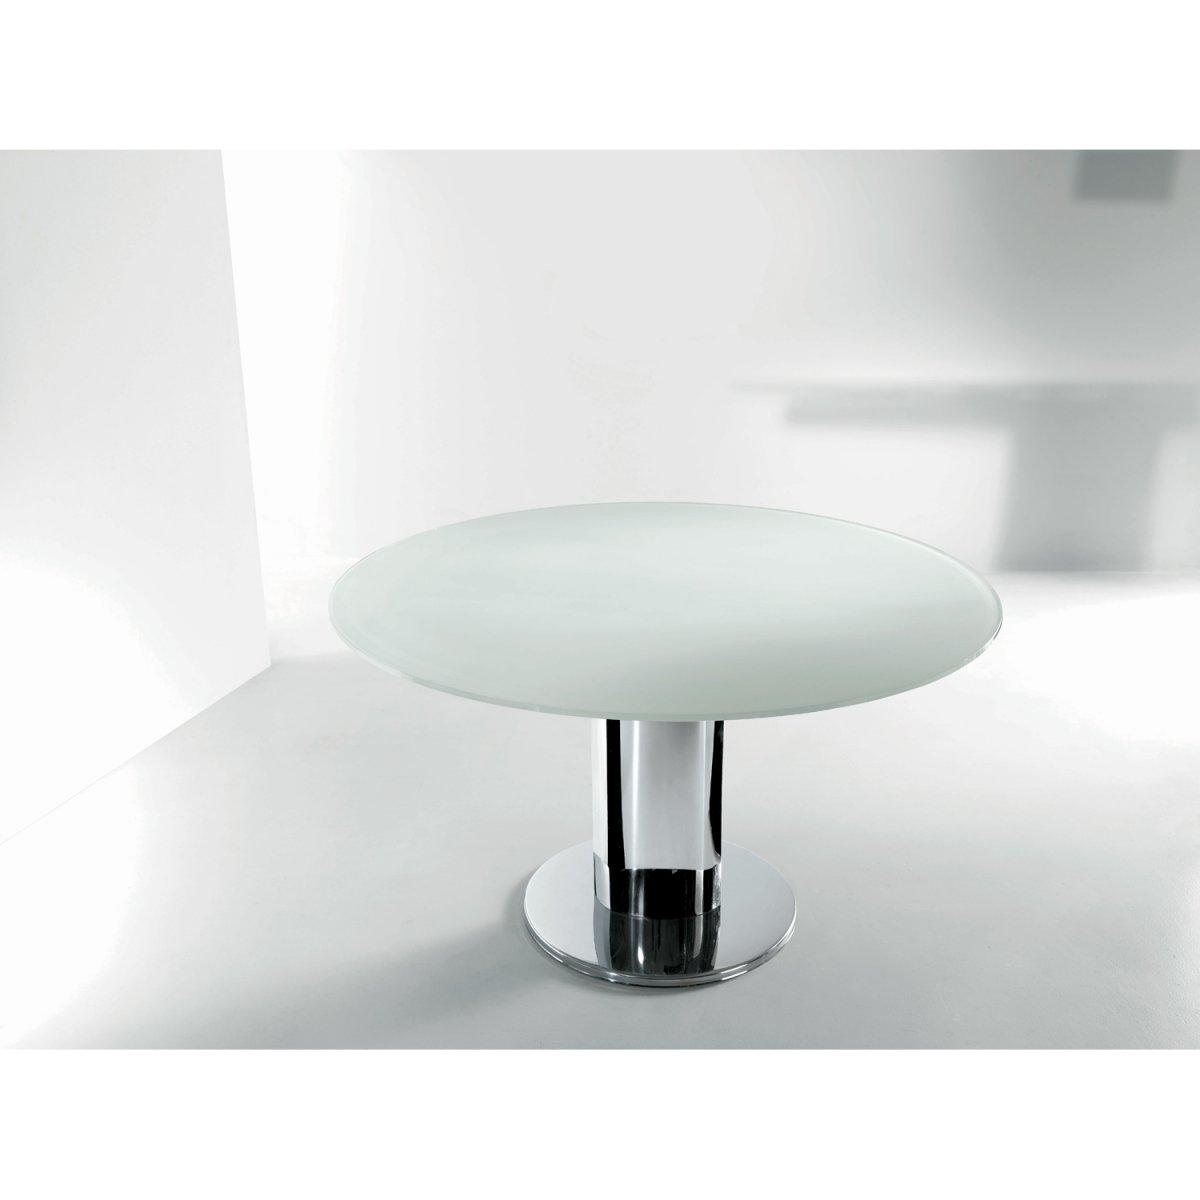 Tavolo Tondo Allungabile Cristallo.Bontempi Casa Tavolo Giro Allungabile Rotondo Vetro Laccato 130